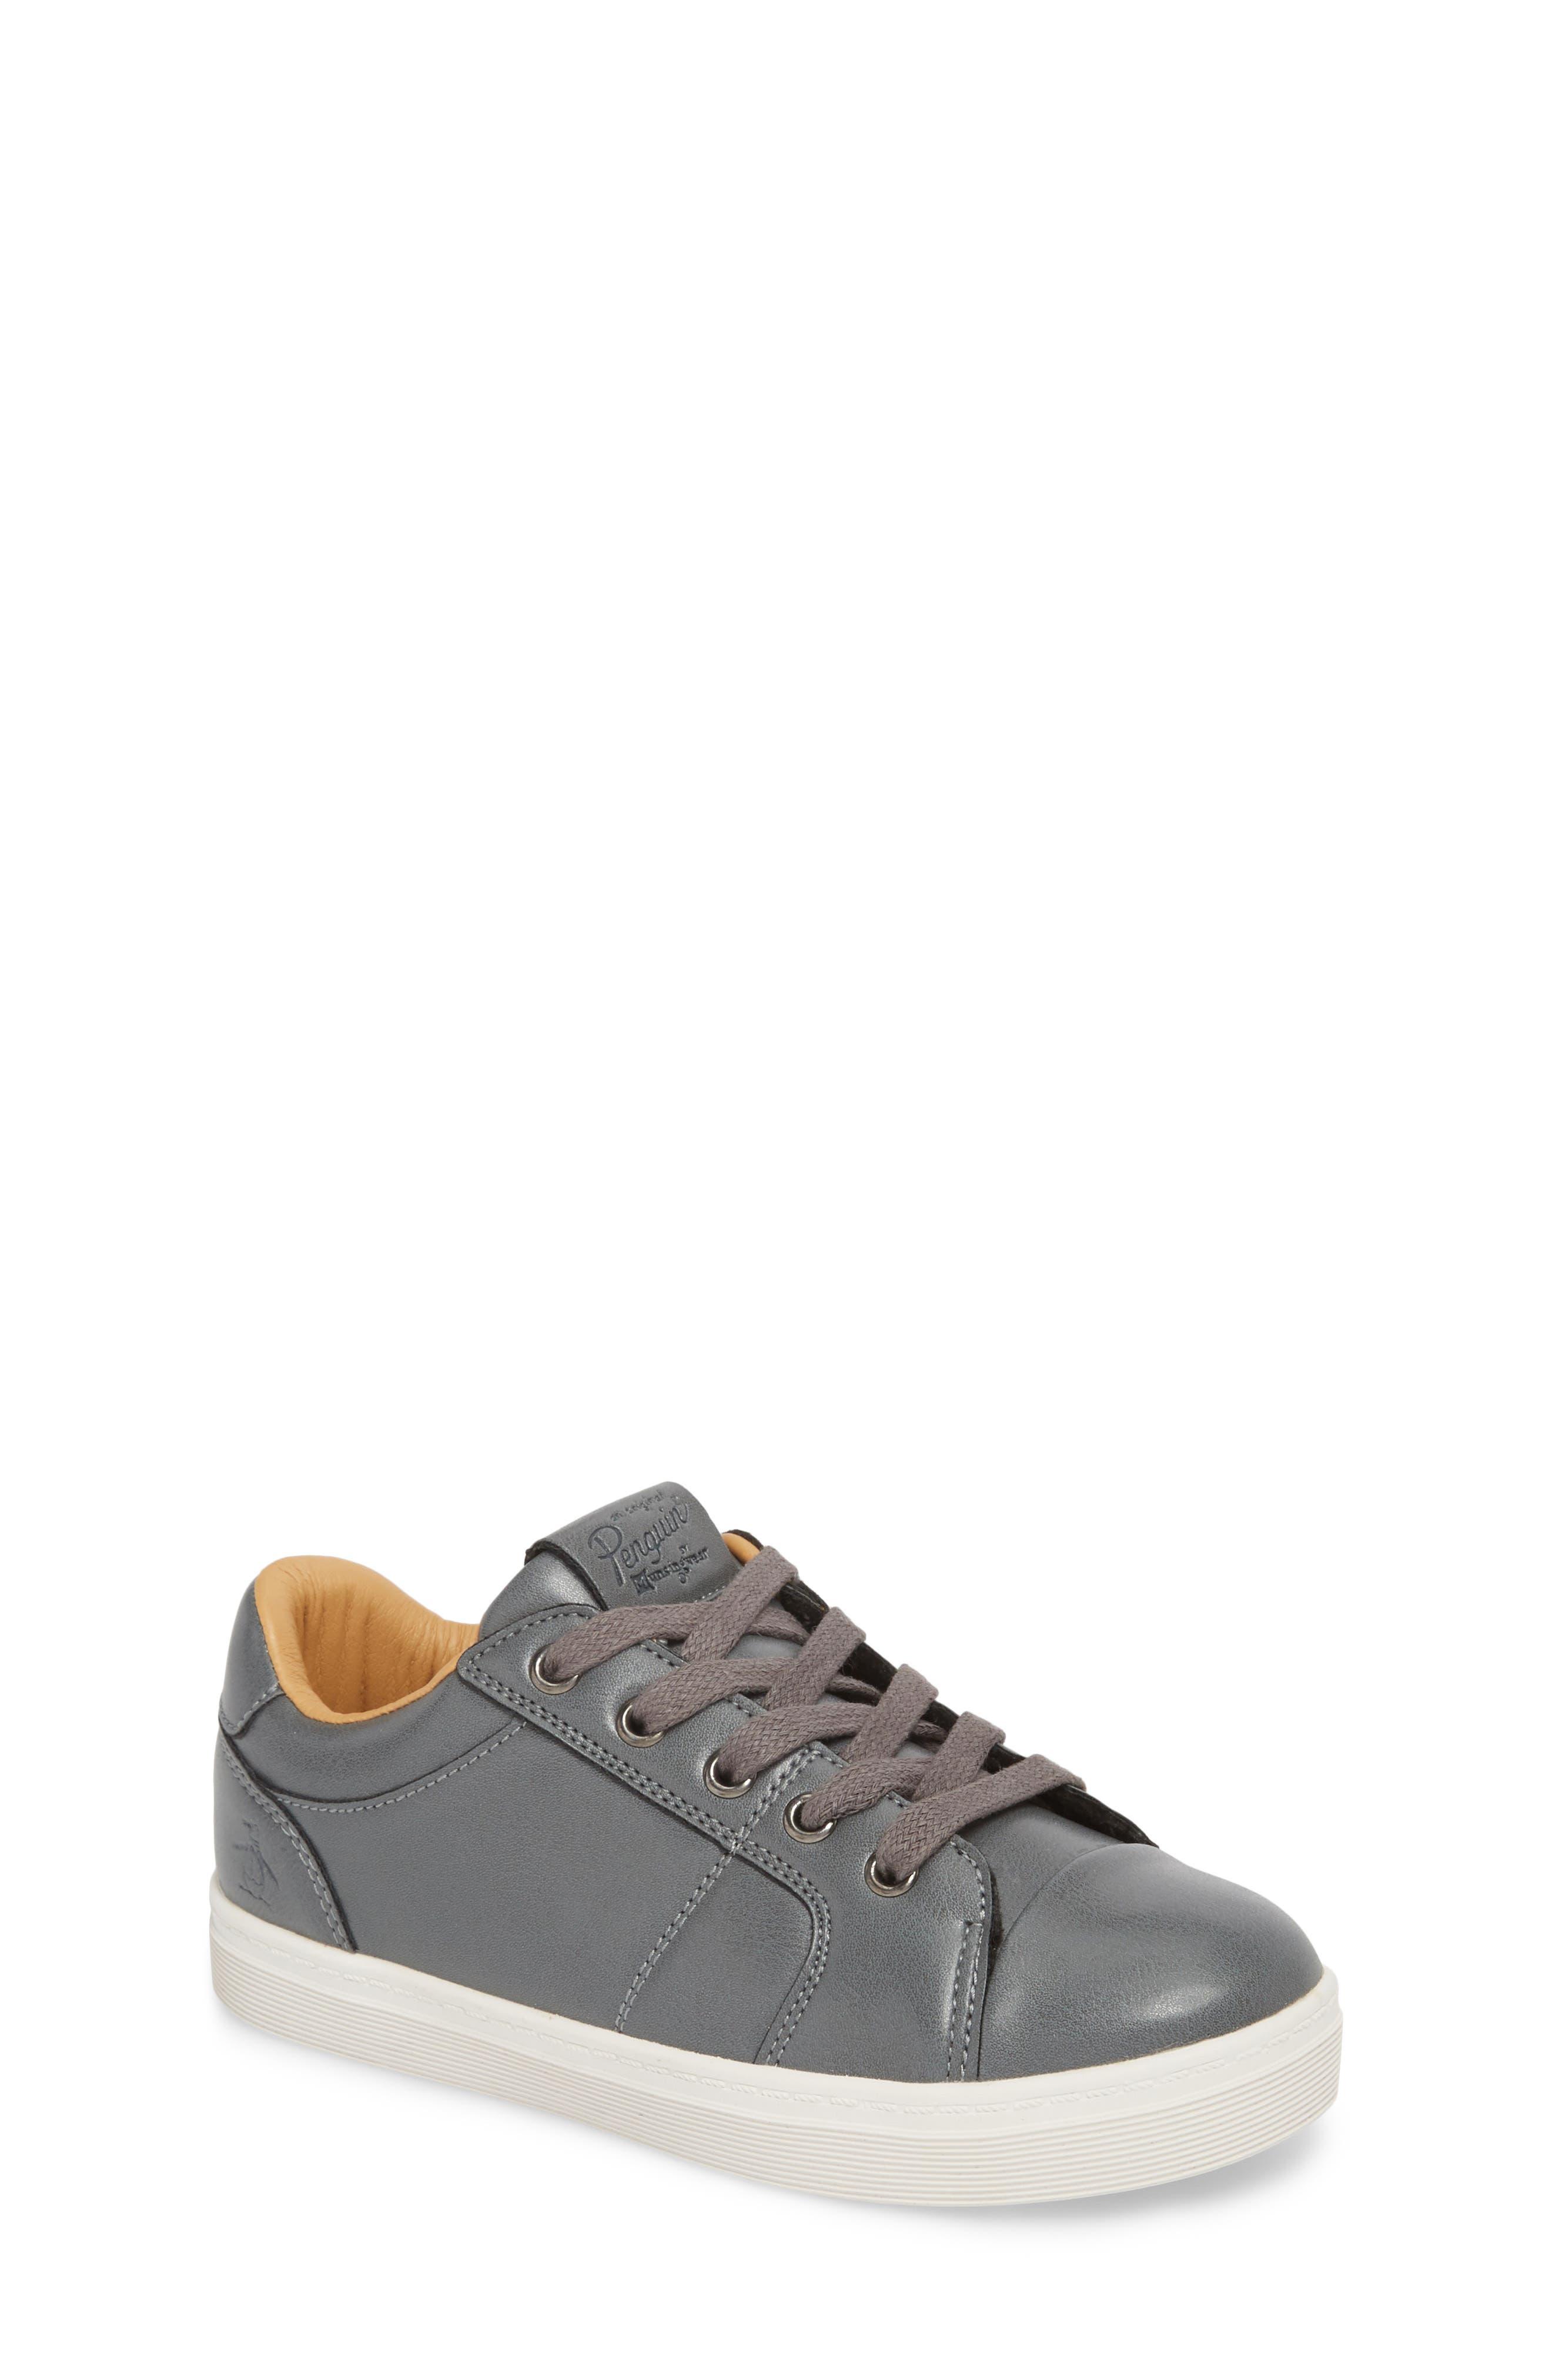 Cobin Sneaker,                         Main,                         color, 020